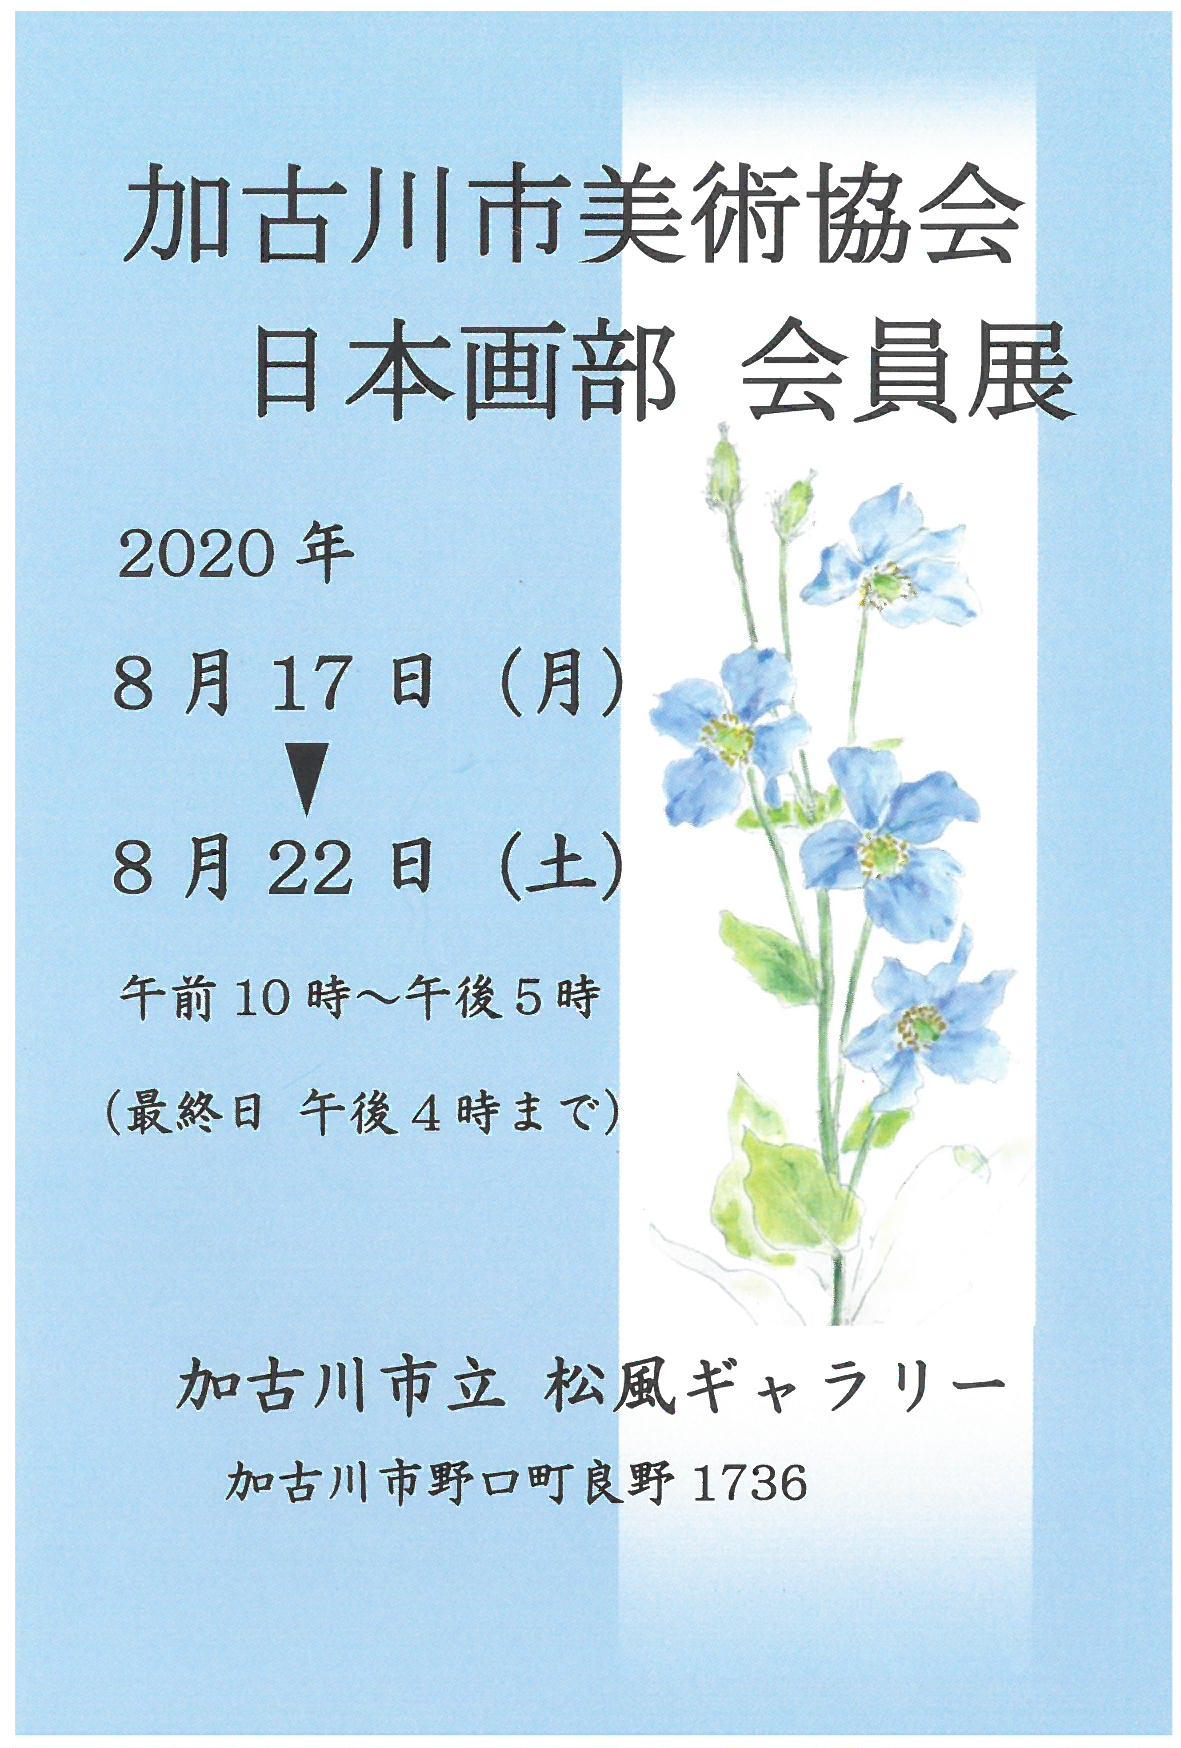 SKM_C22720061715460